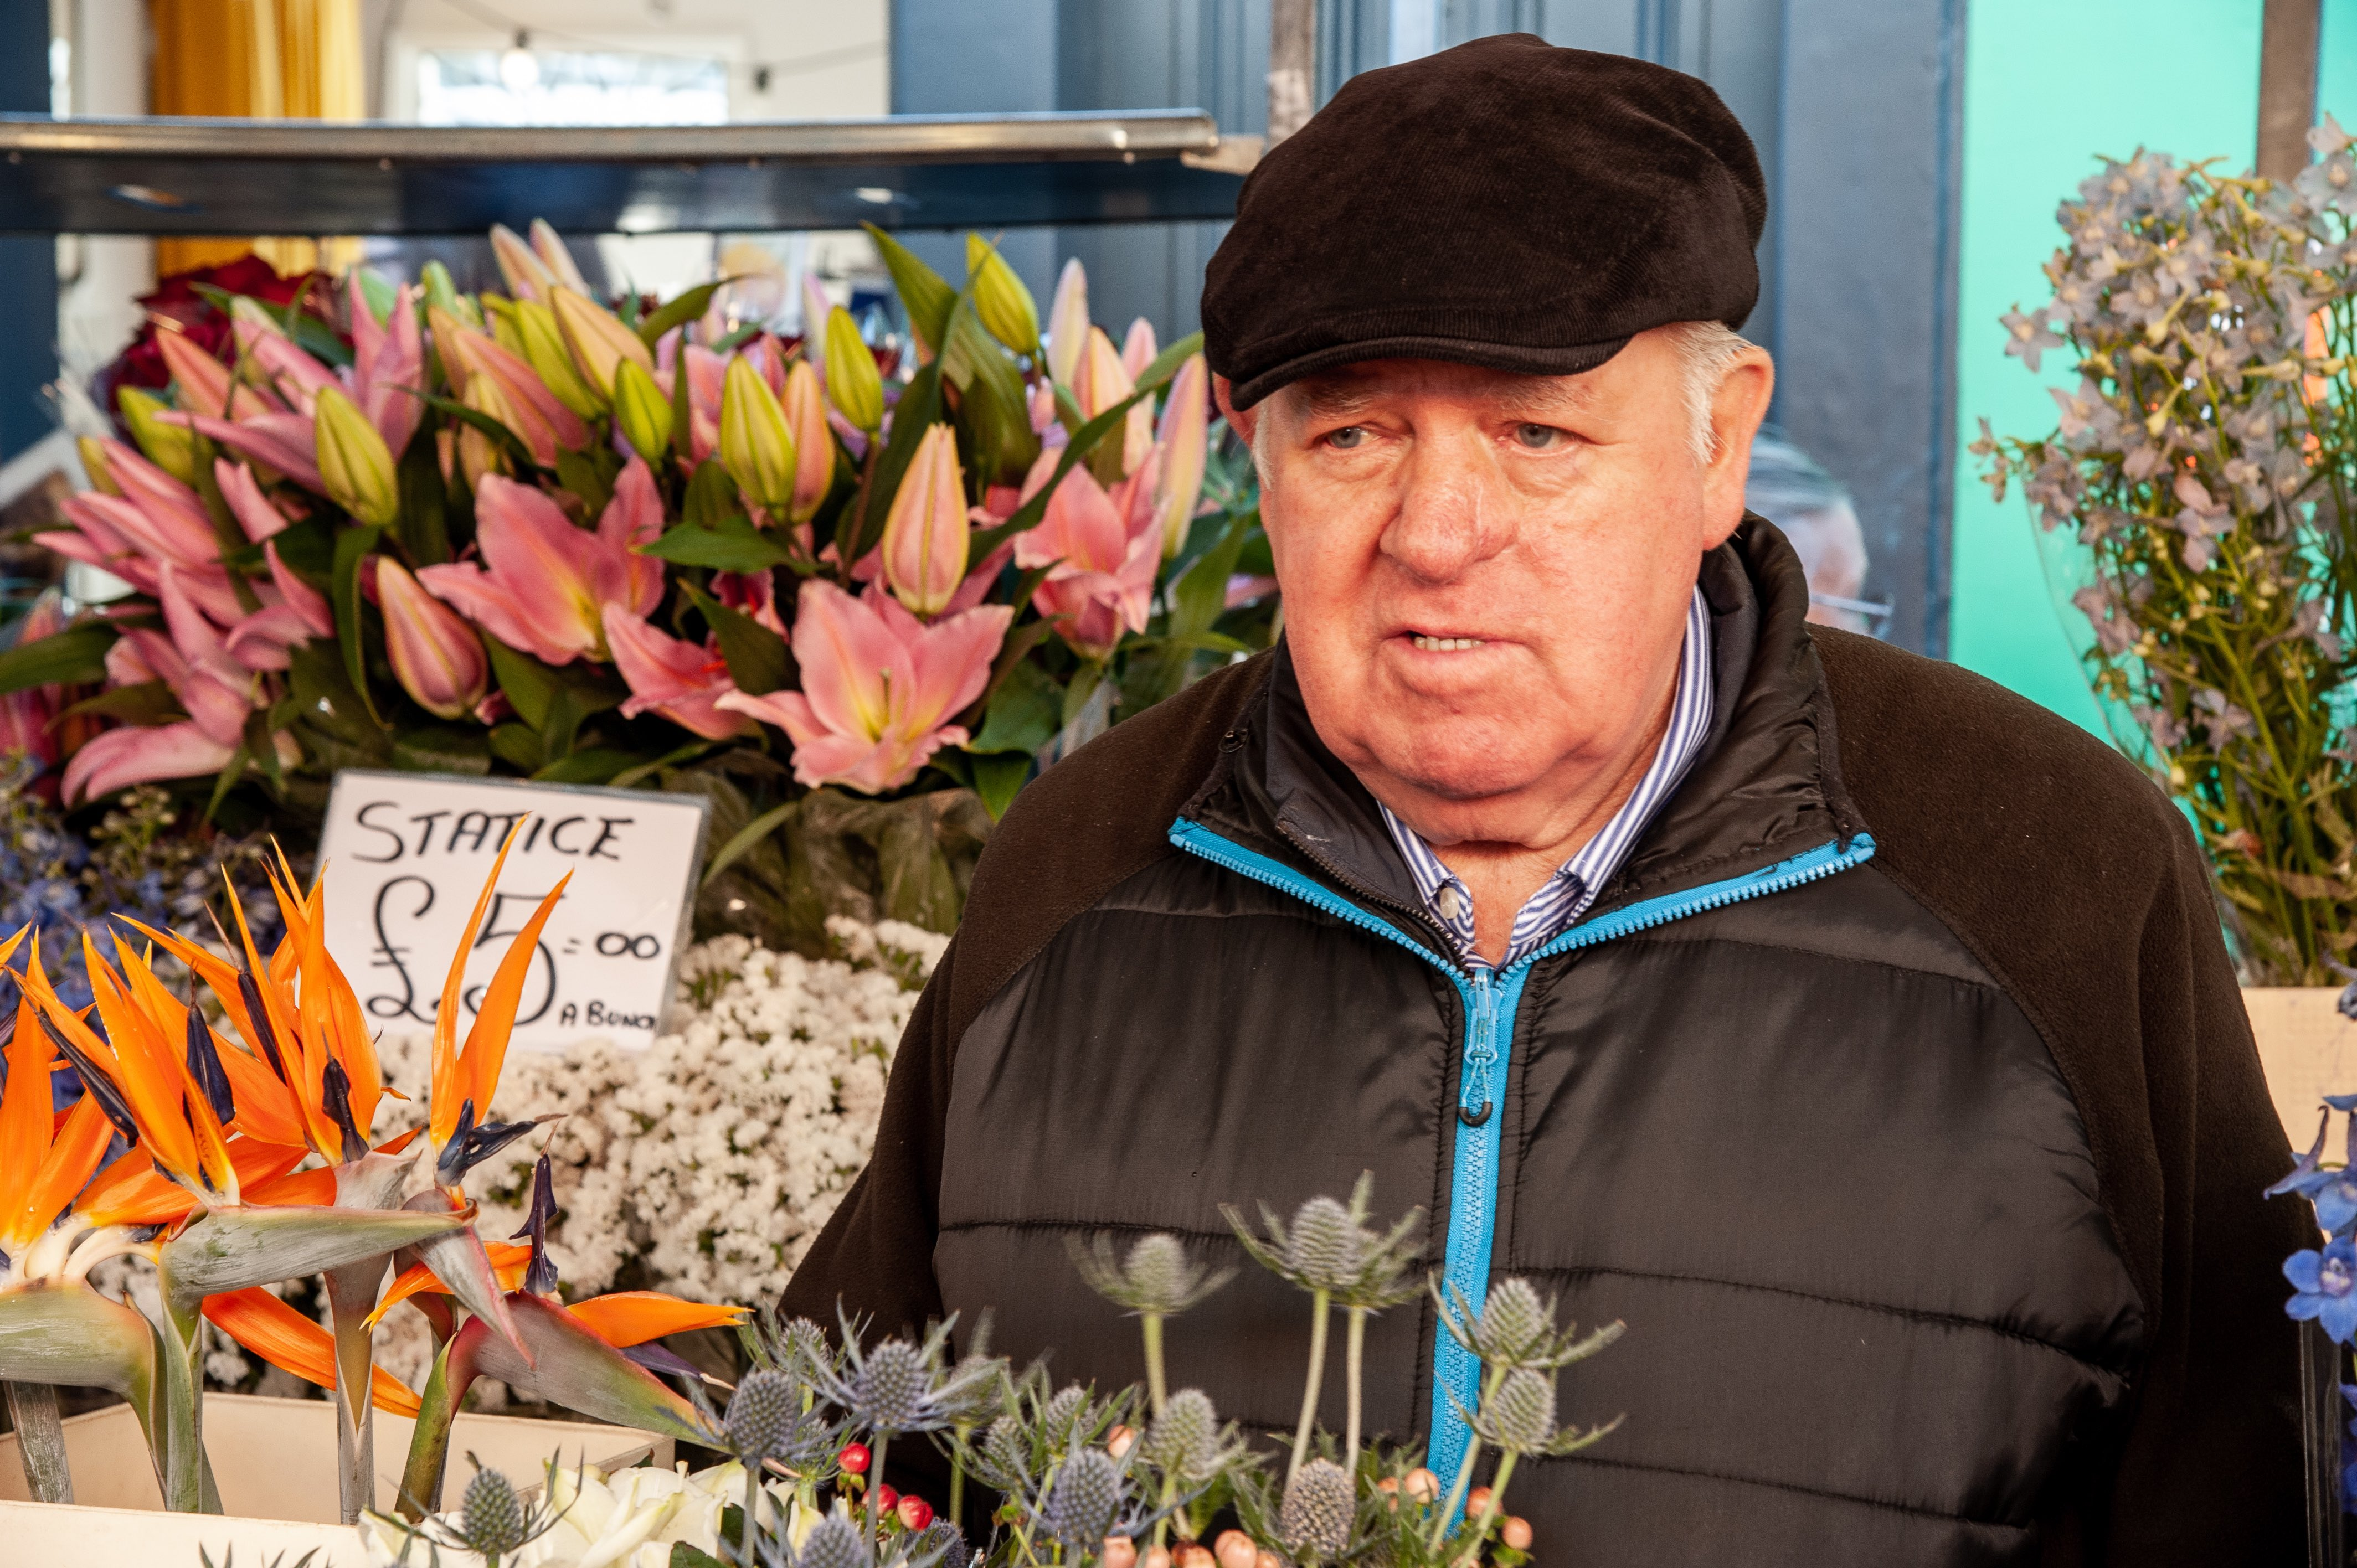 Vendeur au marché aux fleurs de Columbia Road, Londres